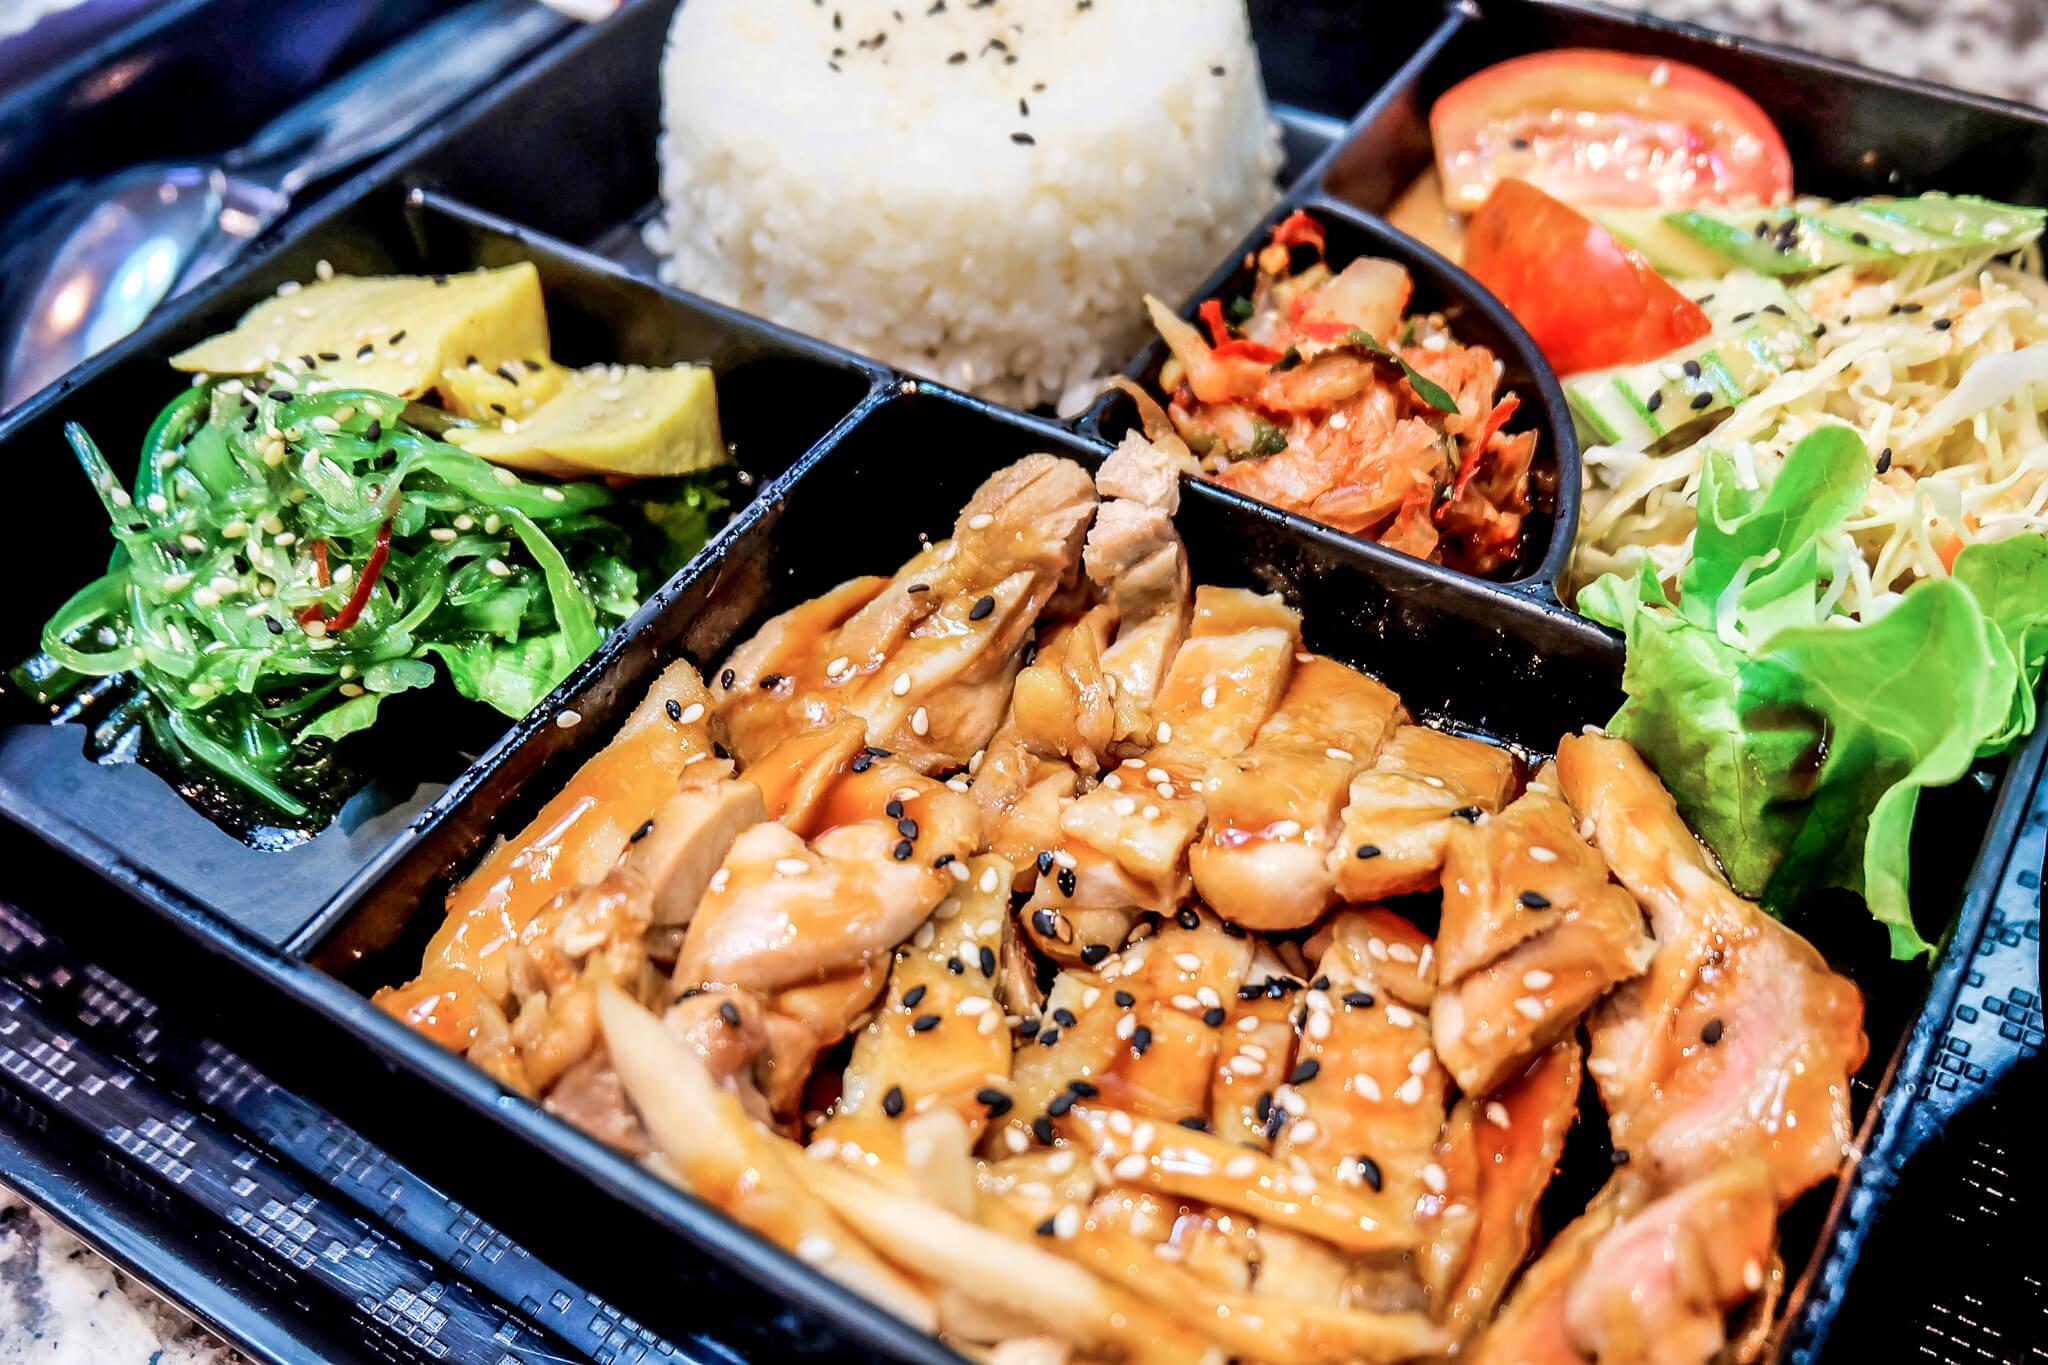 c store bento box food to go